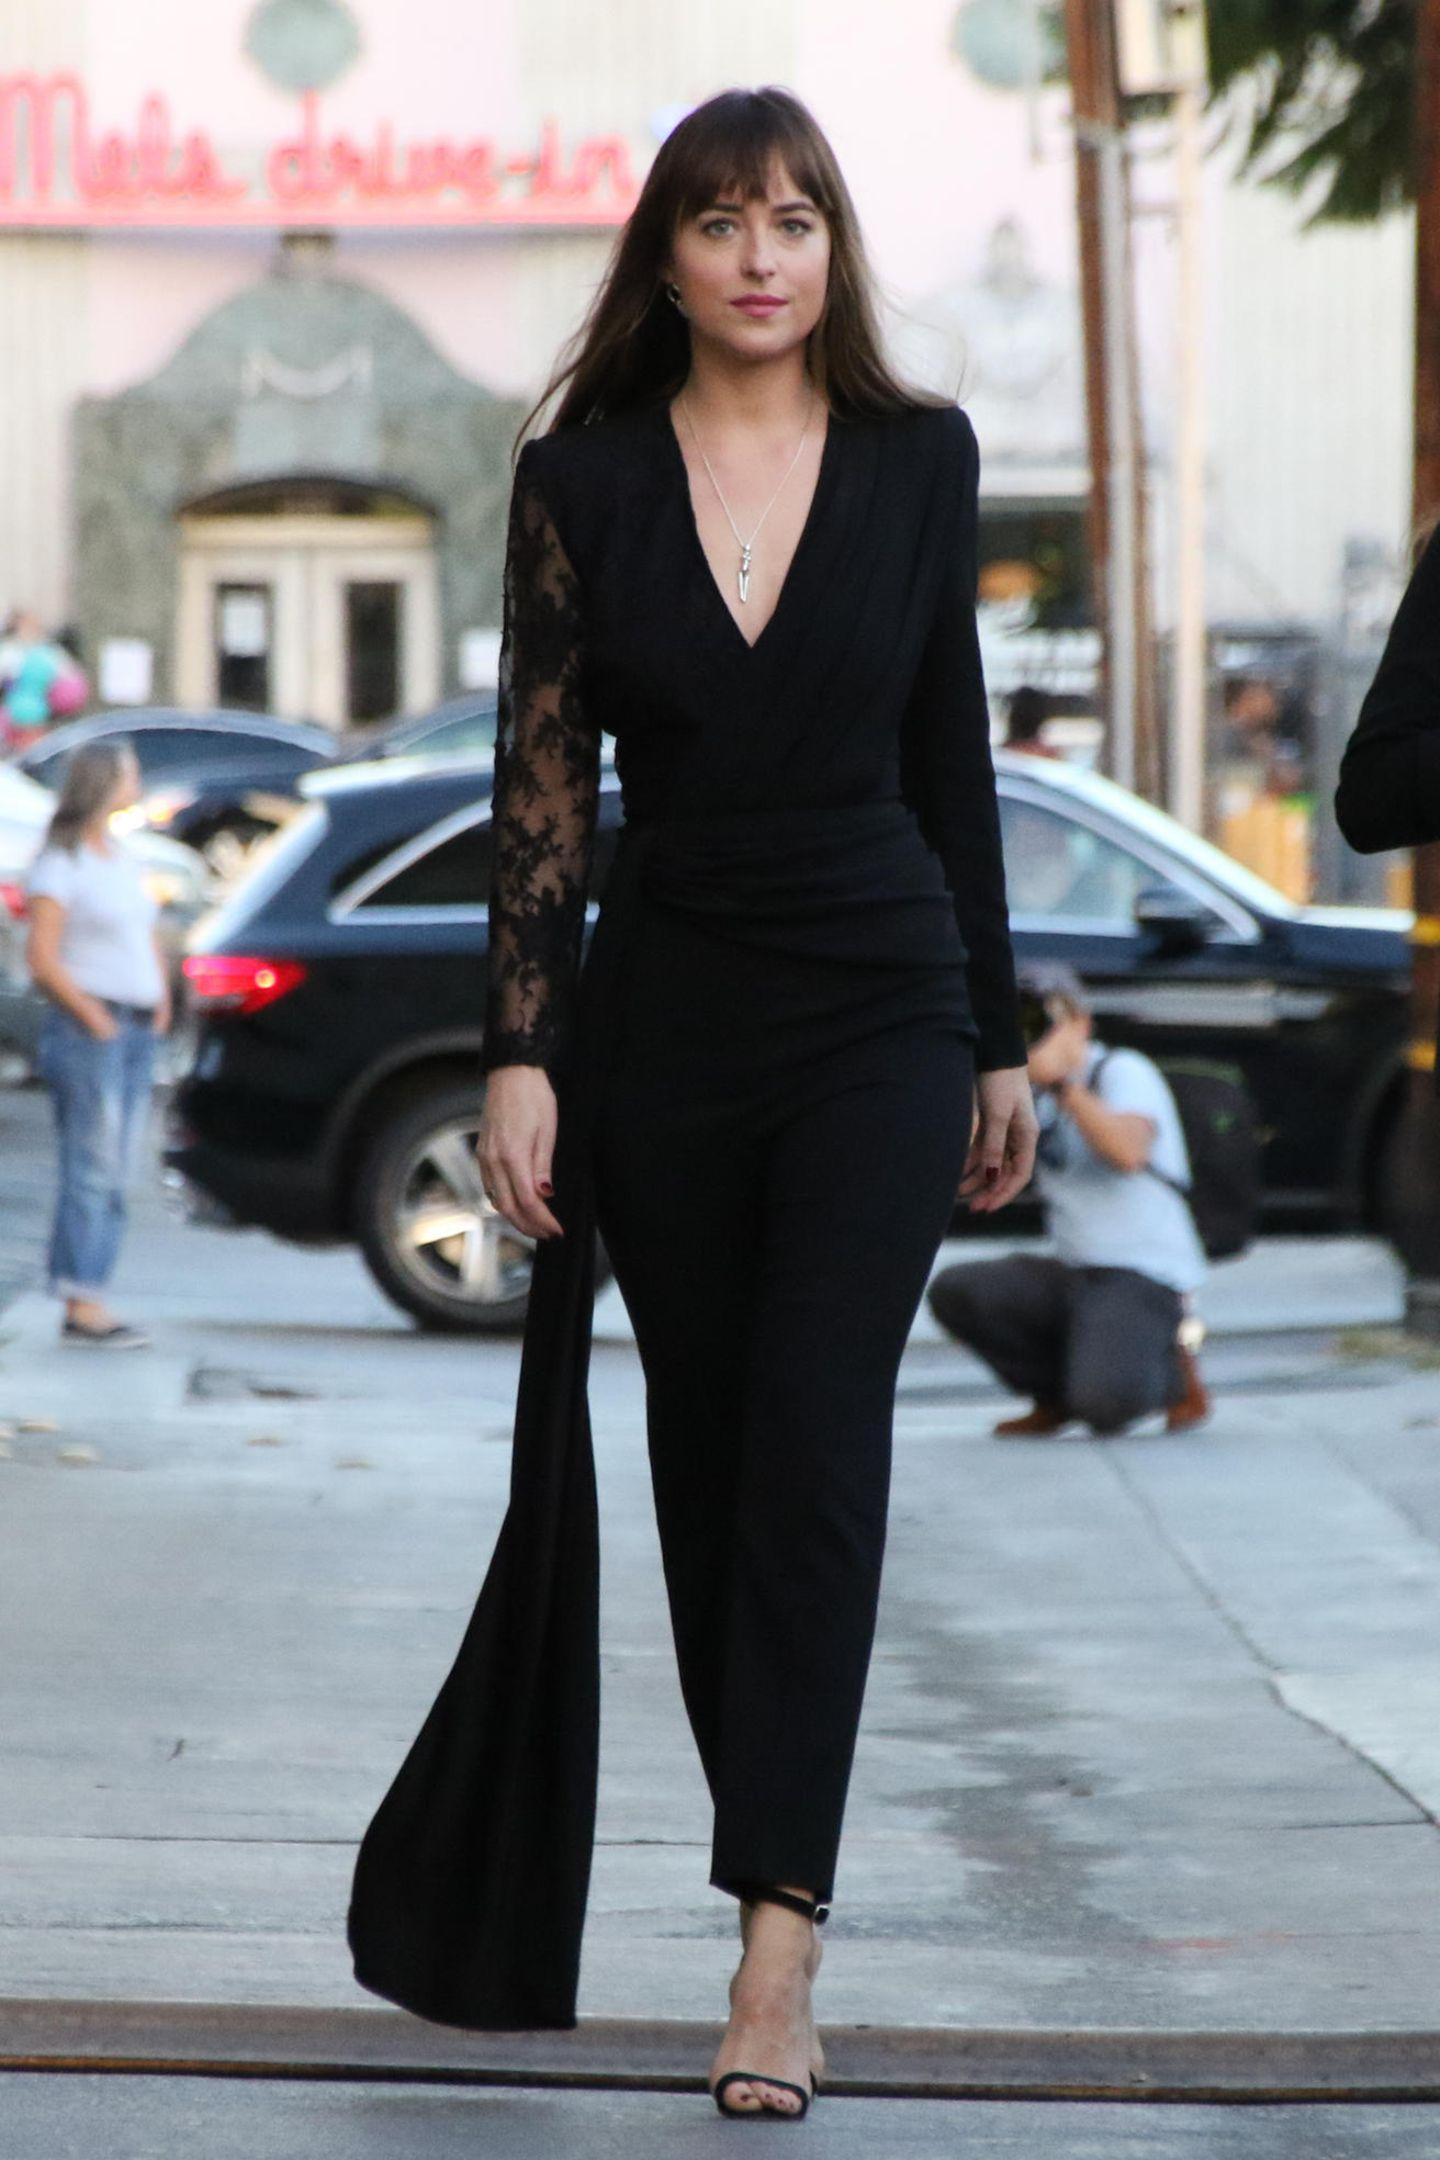 Schauspielerin Dakota Johnson erscheint in einem schwarzen Overall mit Spitzeneinsatz am rechten Arm, tiefen V-Ausschnitt und einem sogenanntenFishtail,einer angeschnittenen Schleppe, zur Jimmy Kimmel Live Show in Los Angeles. Der eng-geschnittene Overall von Dakota sieht nicht nur wahnsinnig sexy aus, räumt sie damit auch die kürzlich kursierenden Schwangerschaftsgerüchte auf. Denn Platz für ein potenzielles Schwangerschaftsbäuchlein gibt es bei diesem Look nicht.